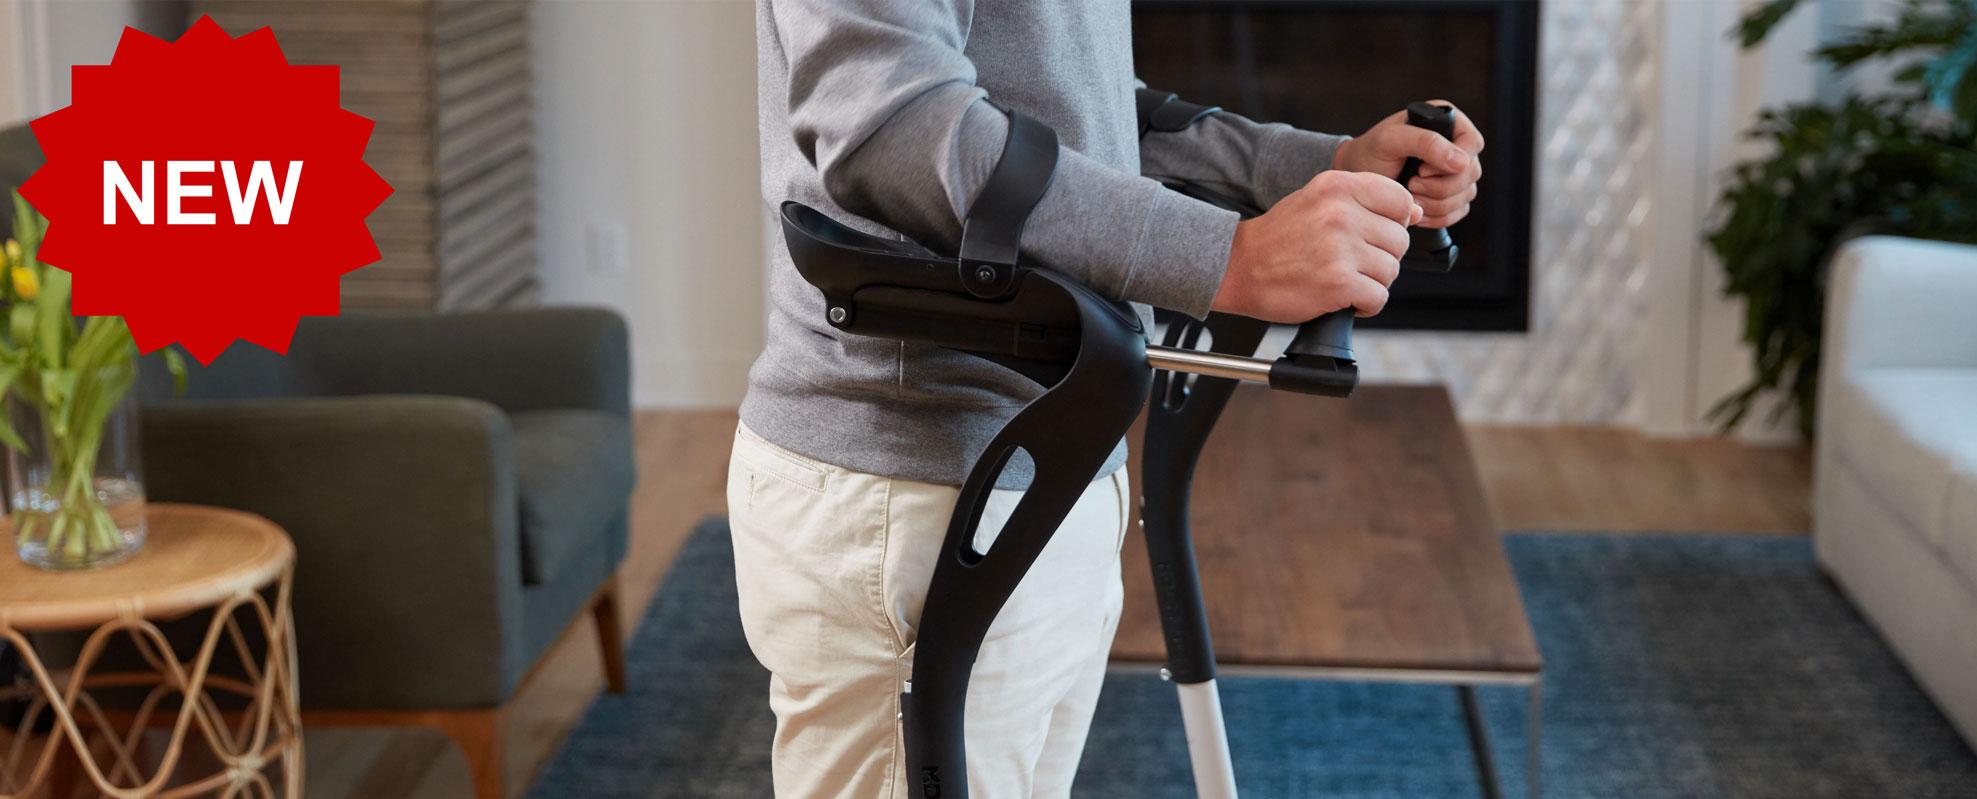 MD Crutch